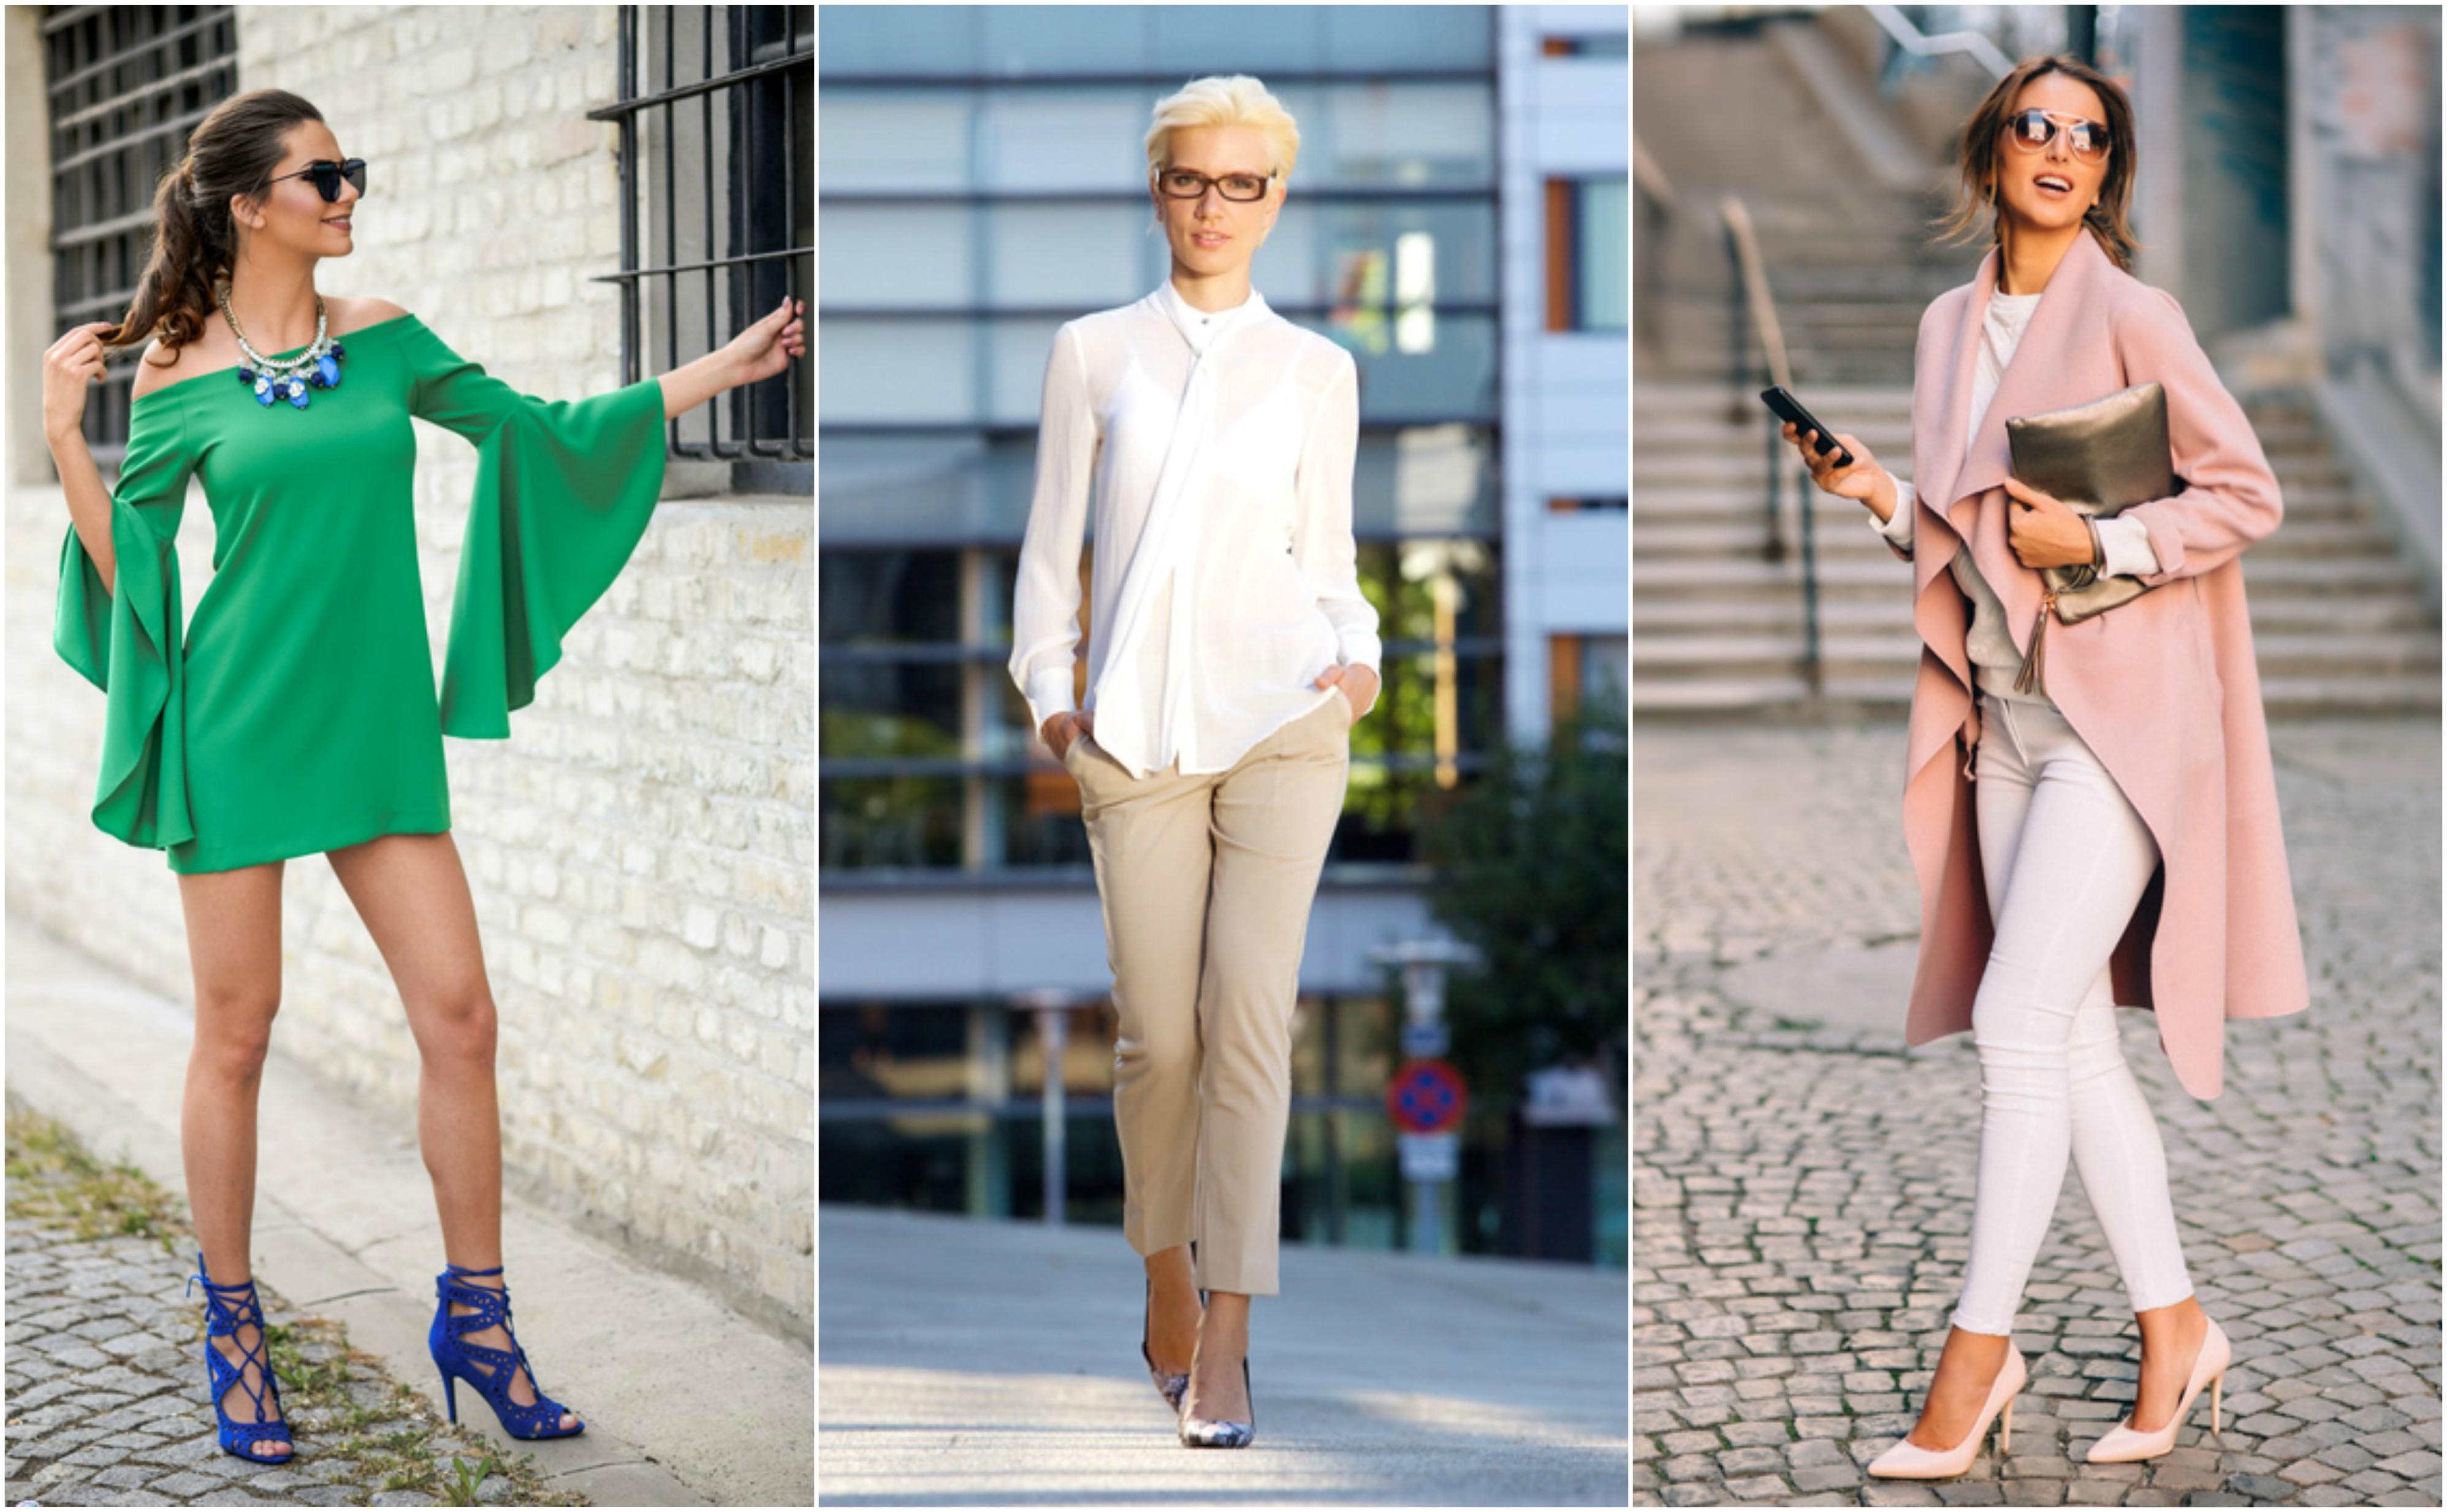 Moda: dieci modi facili per essere elegante e sofisticata